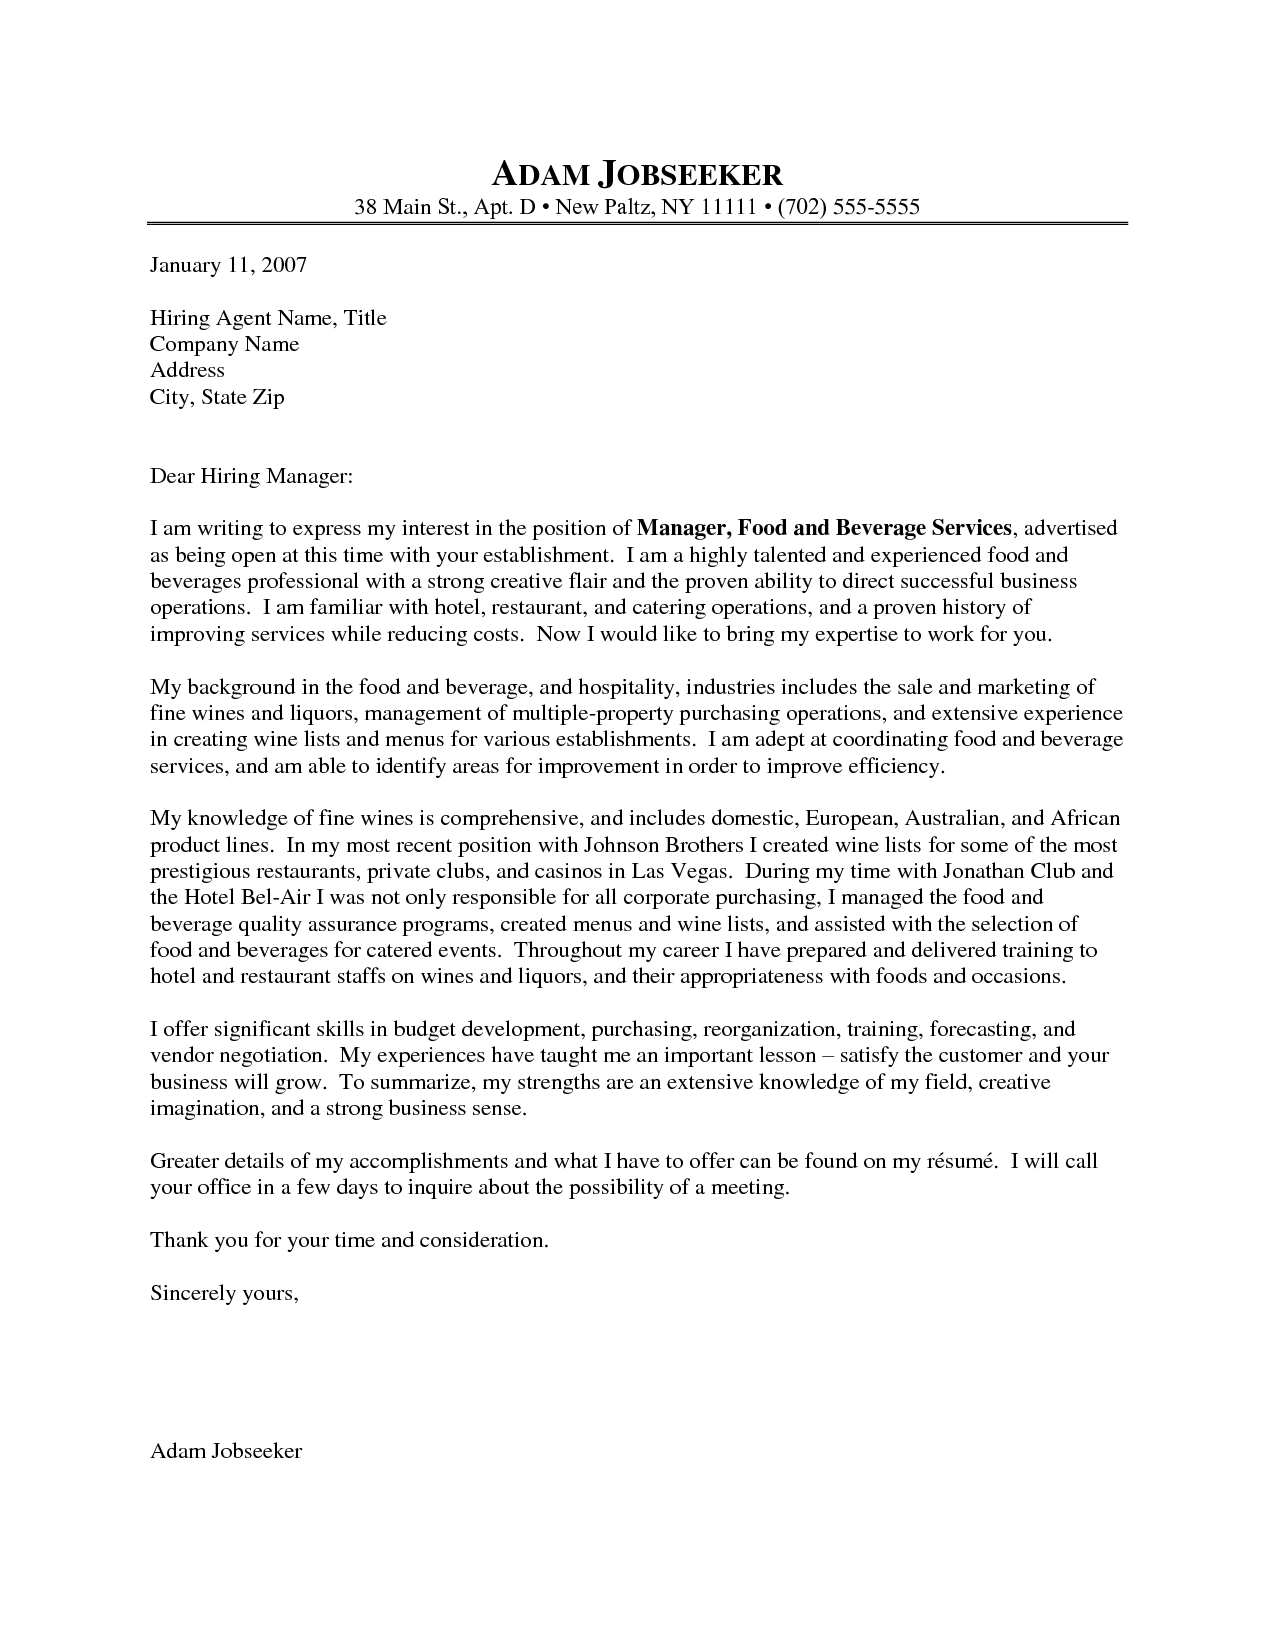 Cover Letter Resume Food Beverage Manager